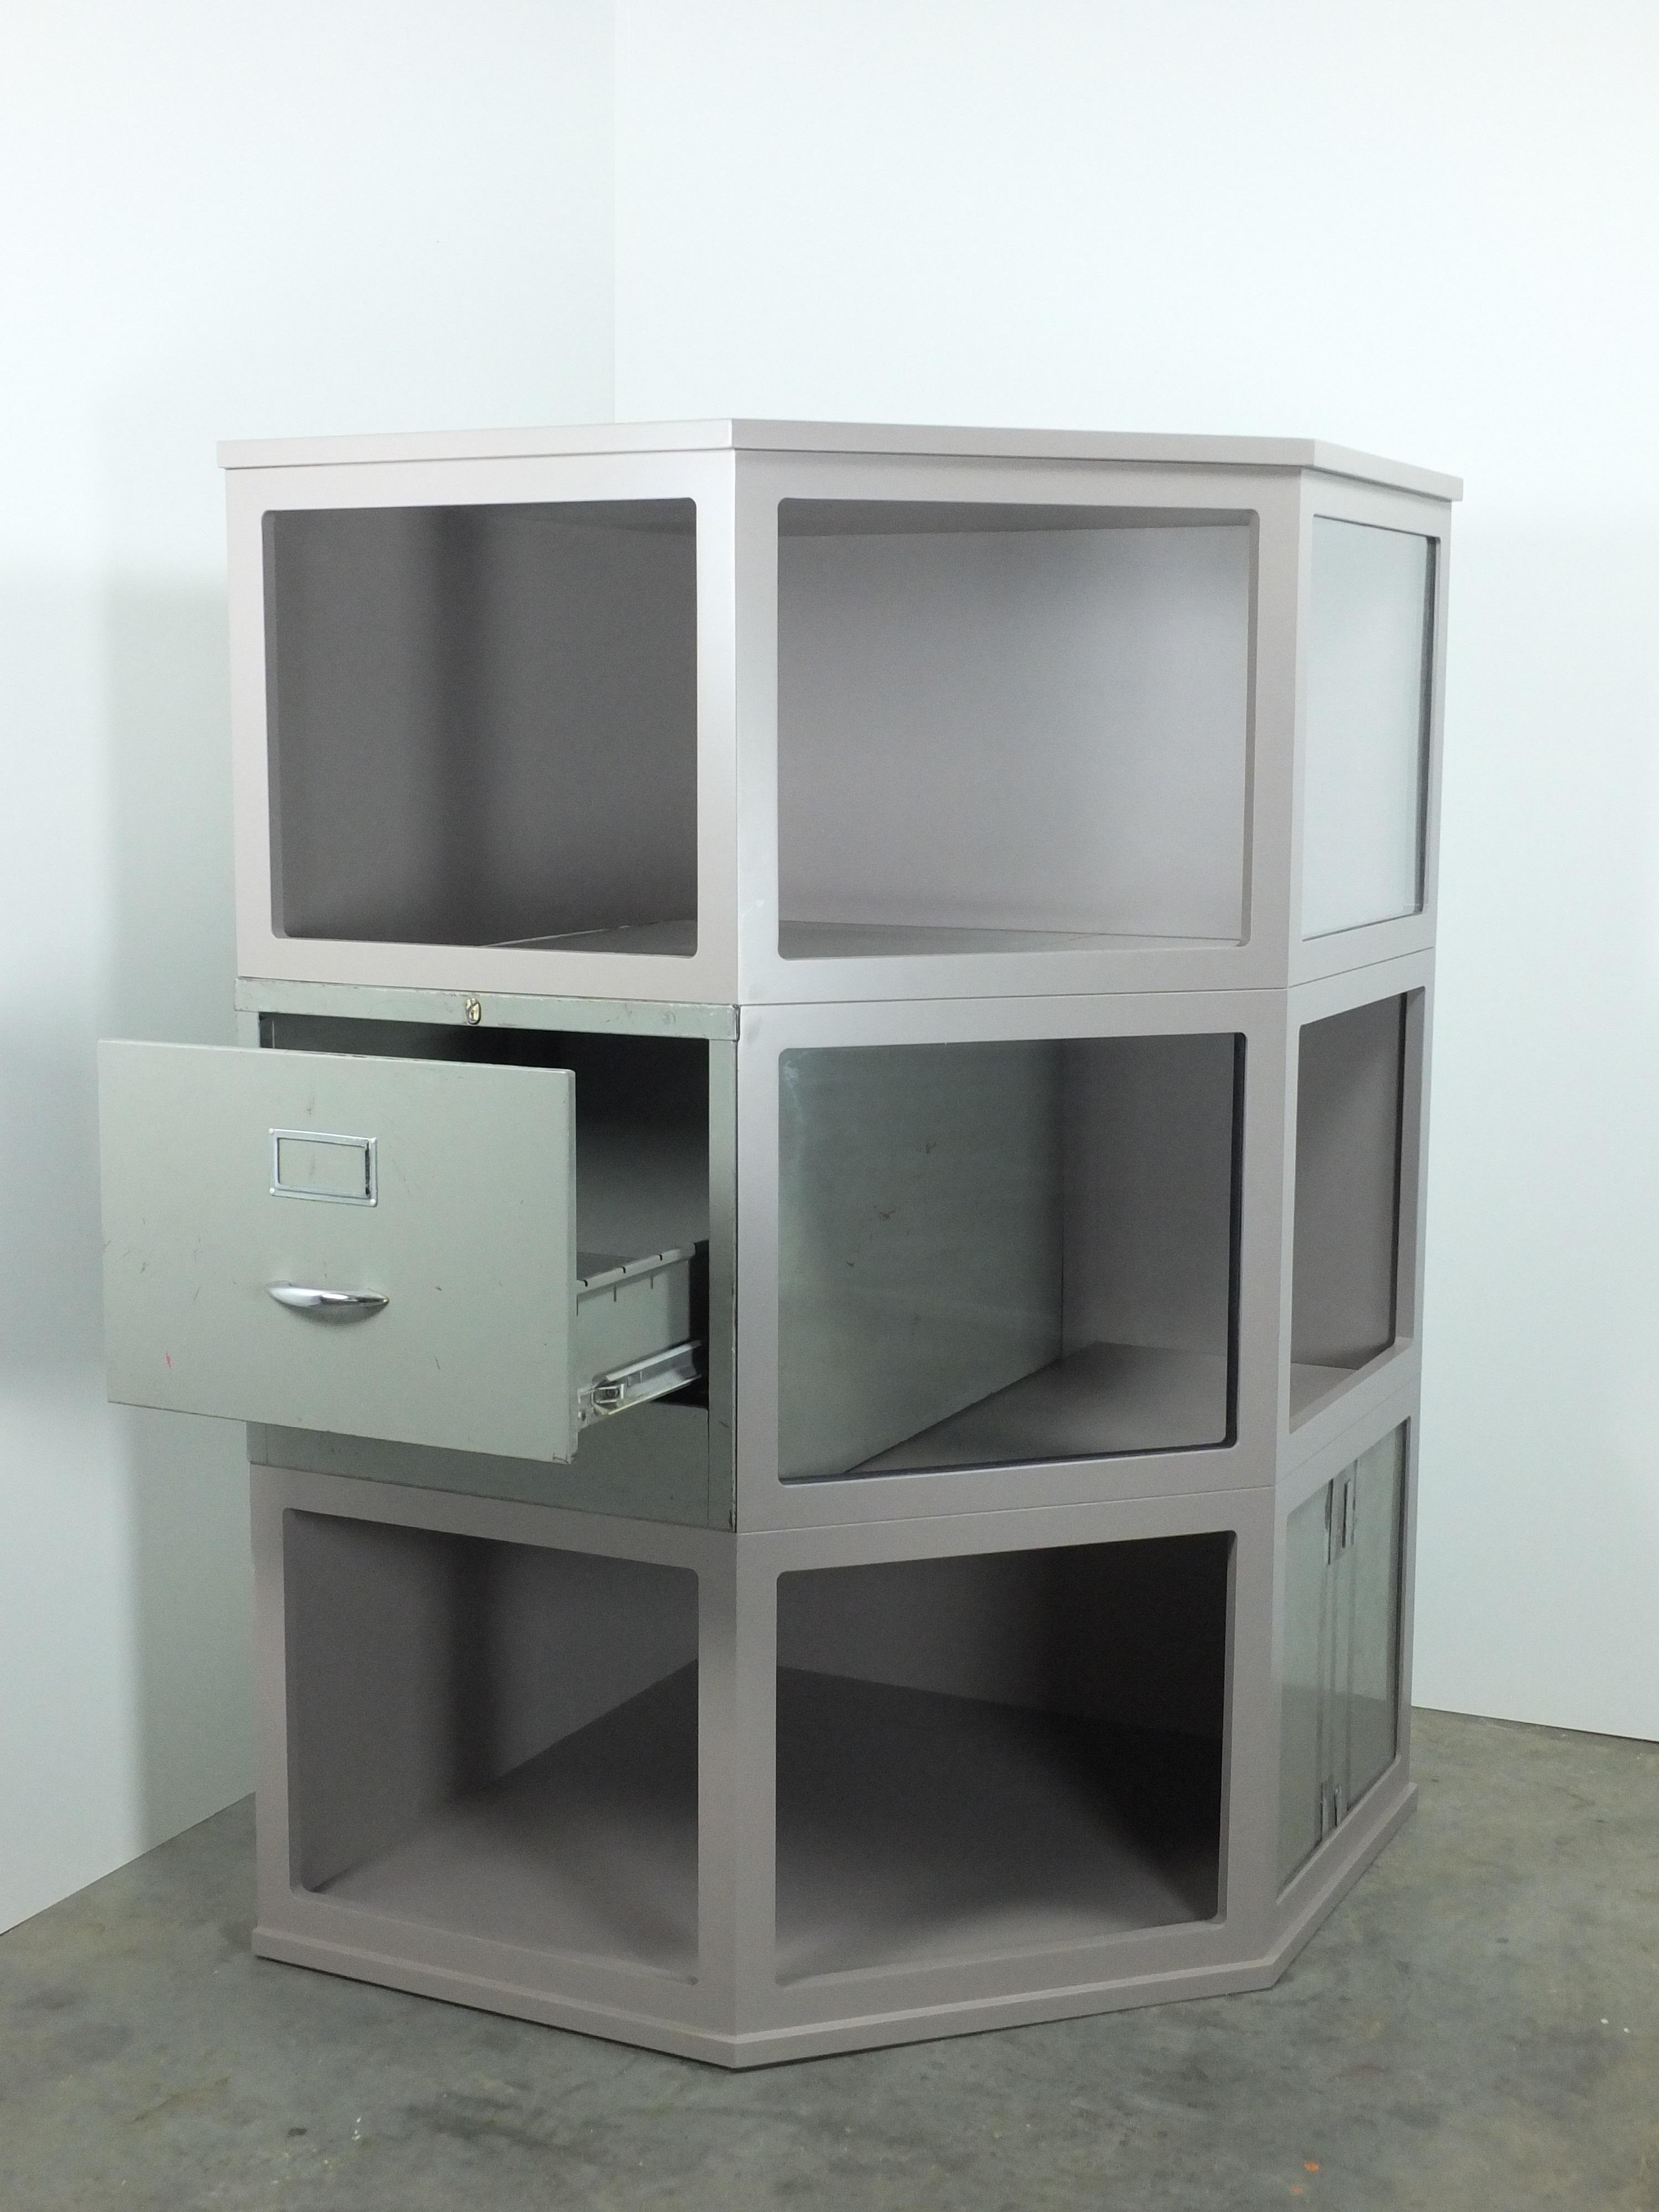 Inhout   maatwerk oplossing   design interieurbouw en meubels